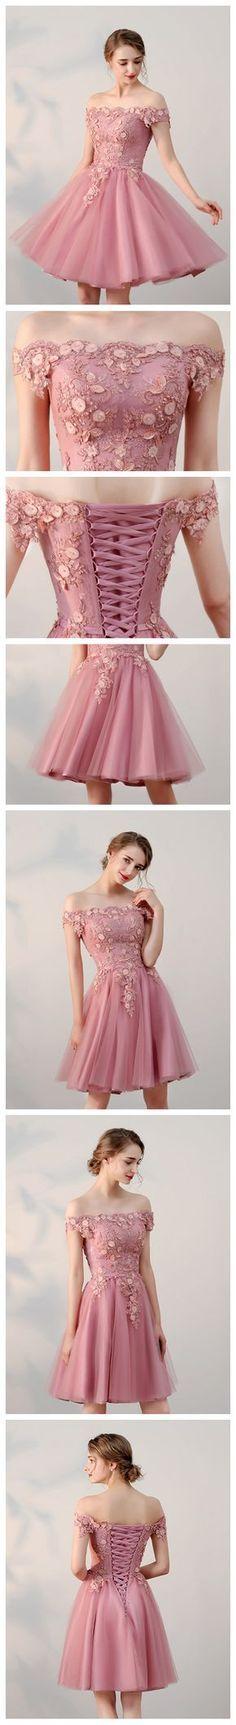 Boneca 15 Años Vestidos De Vestidos Color Rosa Y Vestido